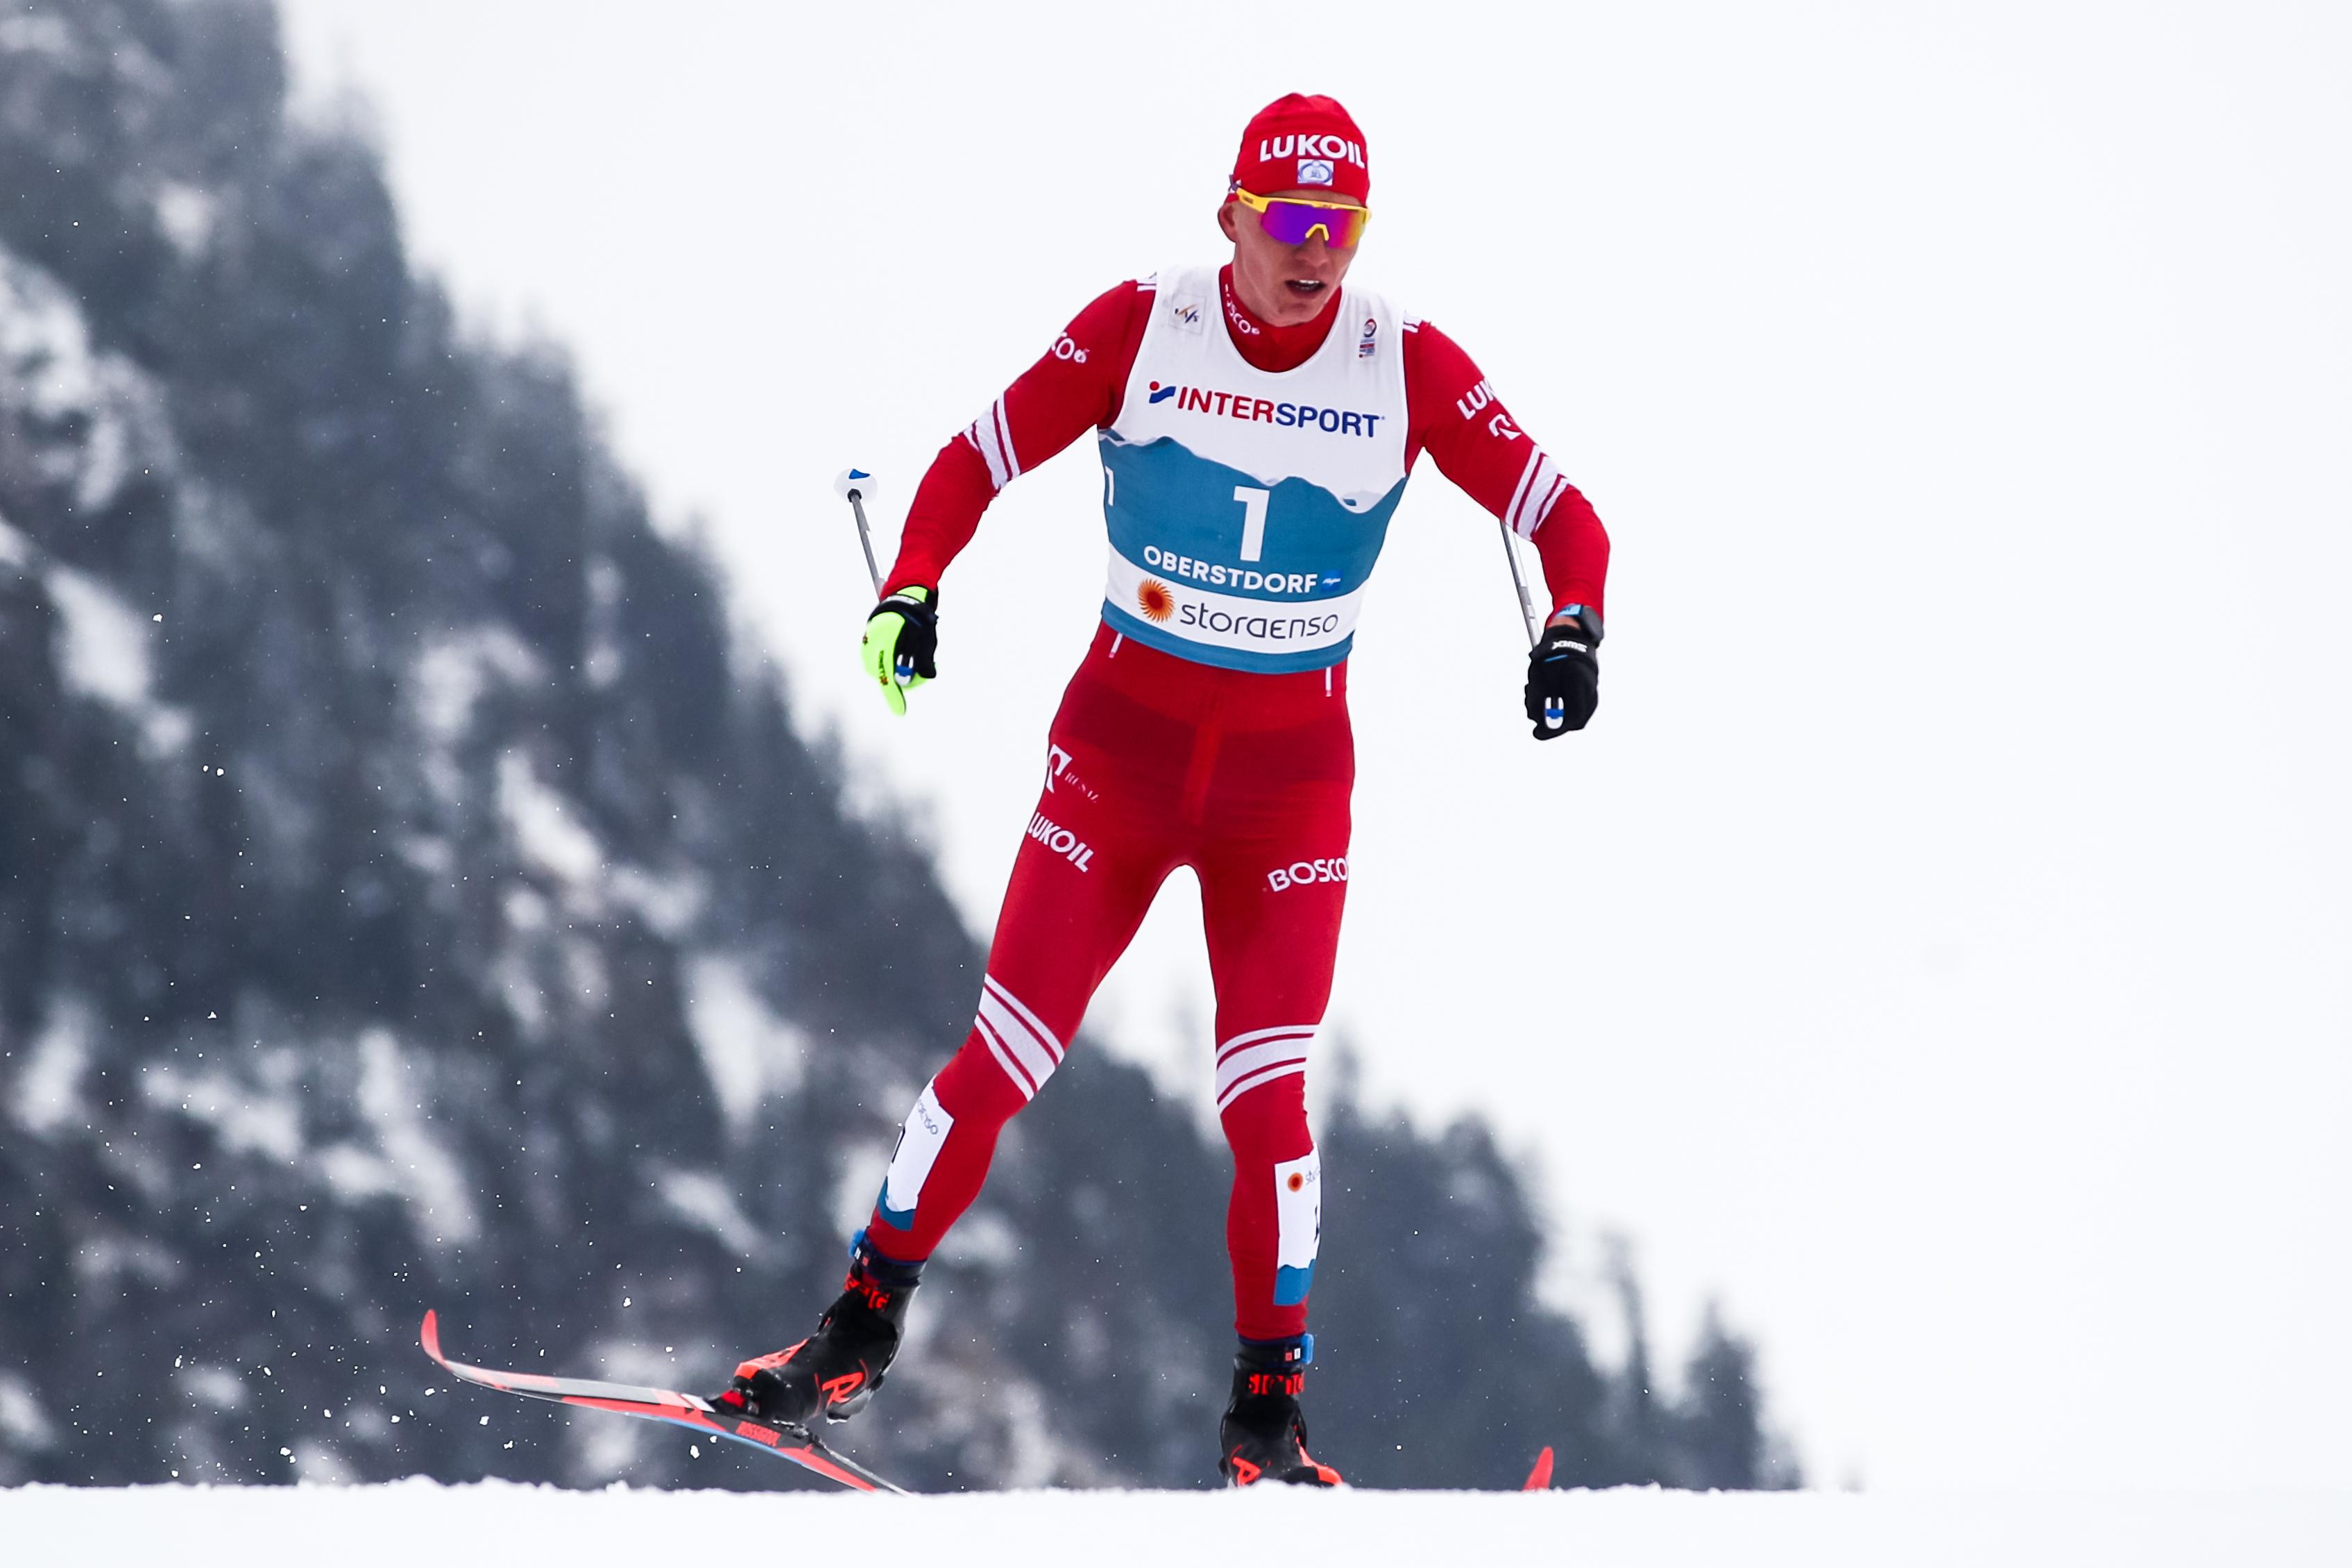 Путин поздравил лыжника Большунова с серебром в марафоне и назвал его главным героем гонки